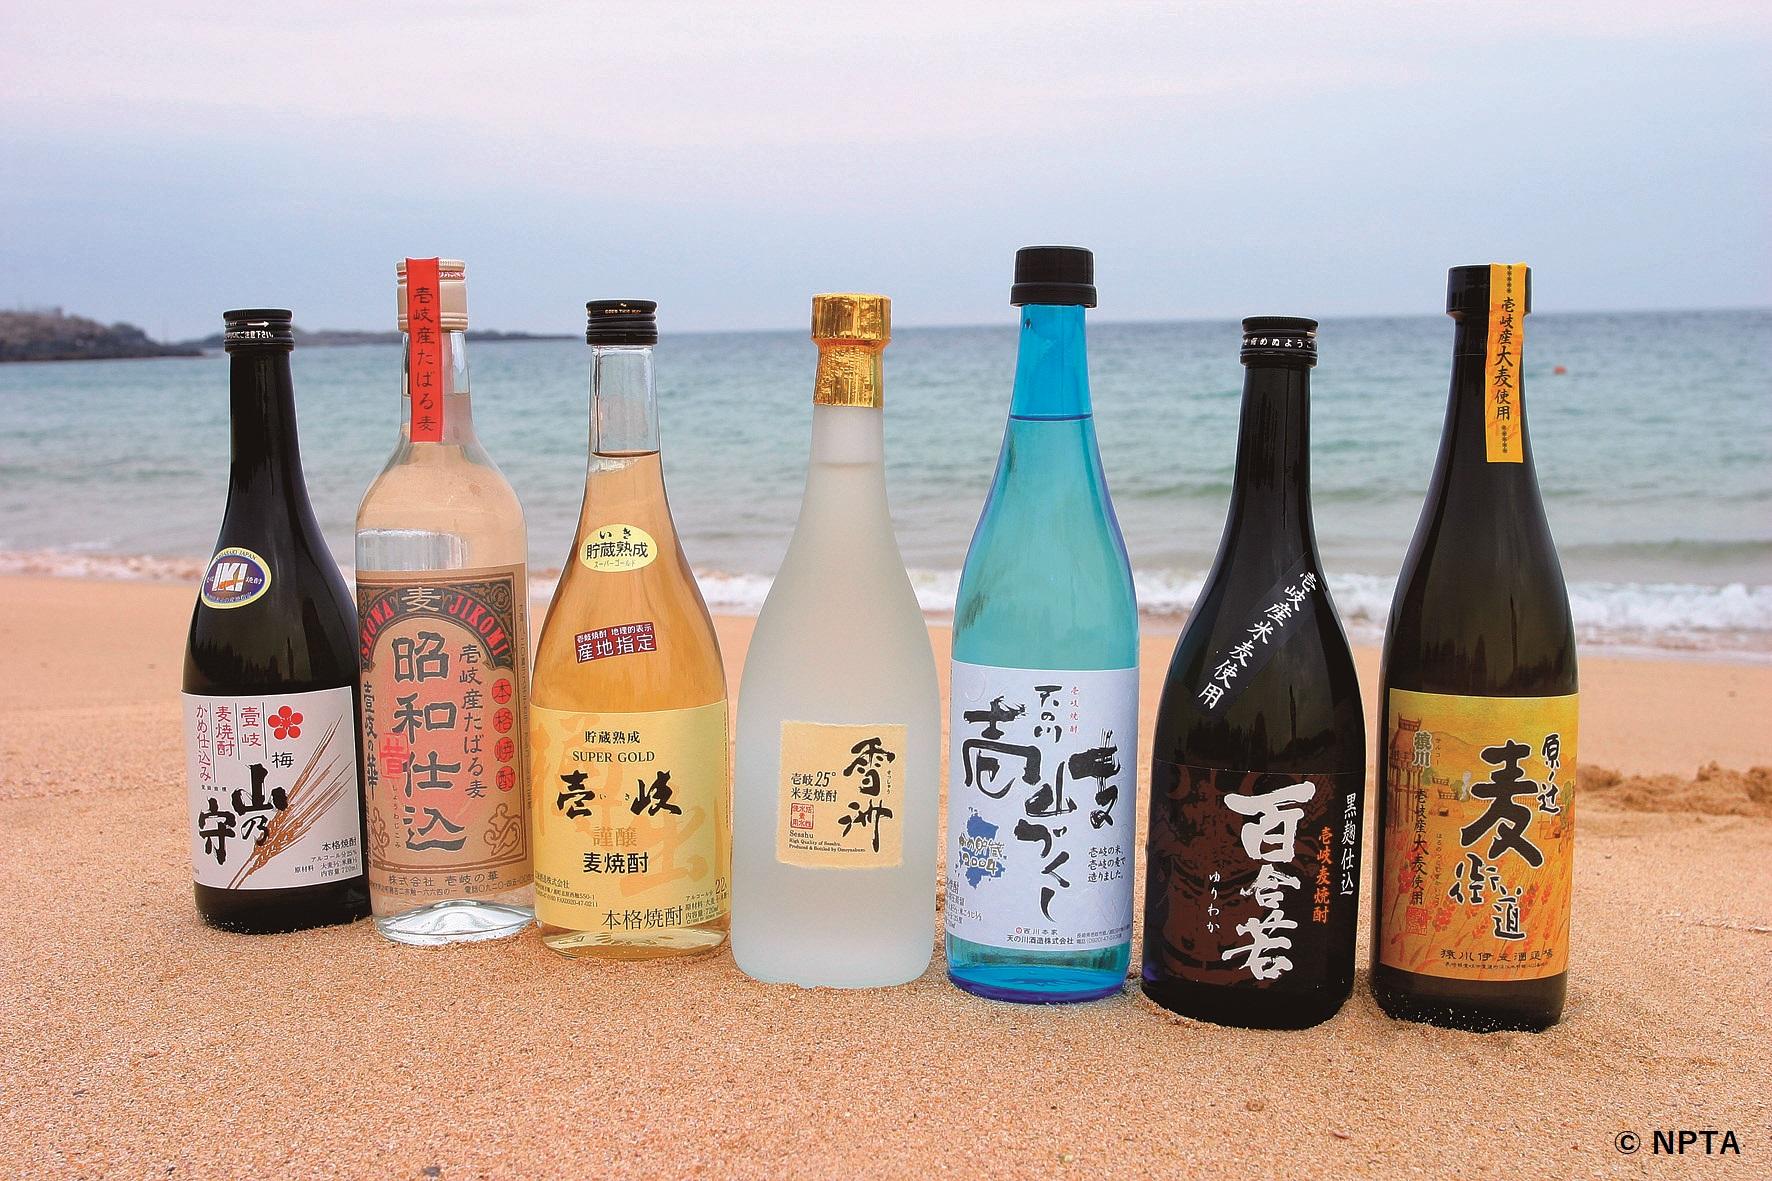 壱岐焼酎 長崎 ご当地 グルメ 有名な 食べ物 おすすめ 名物 料理